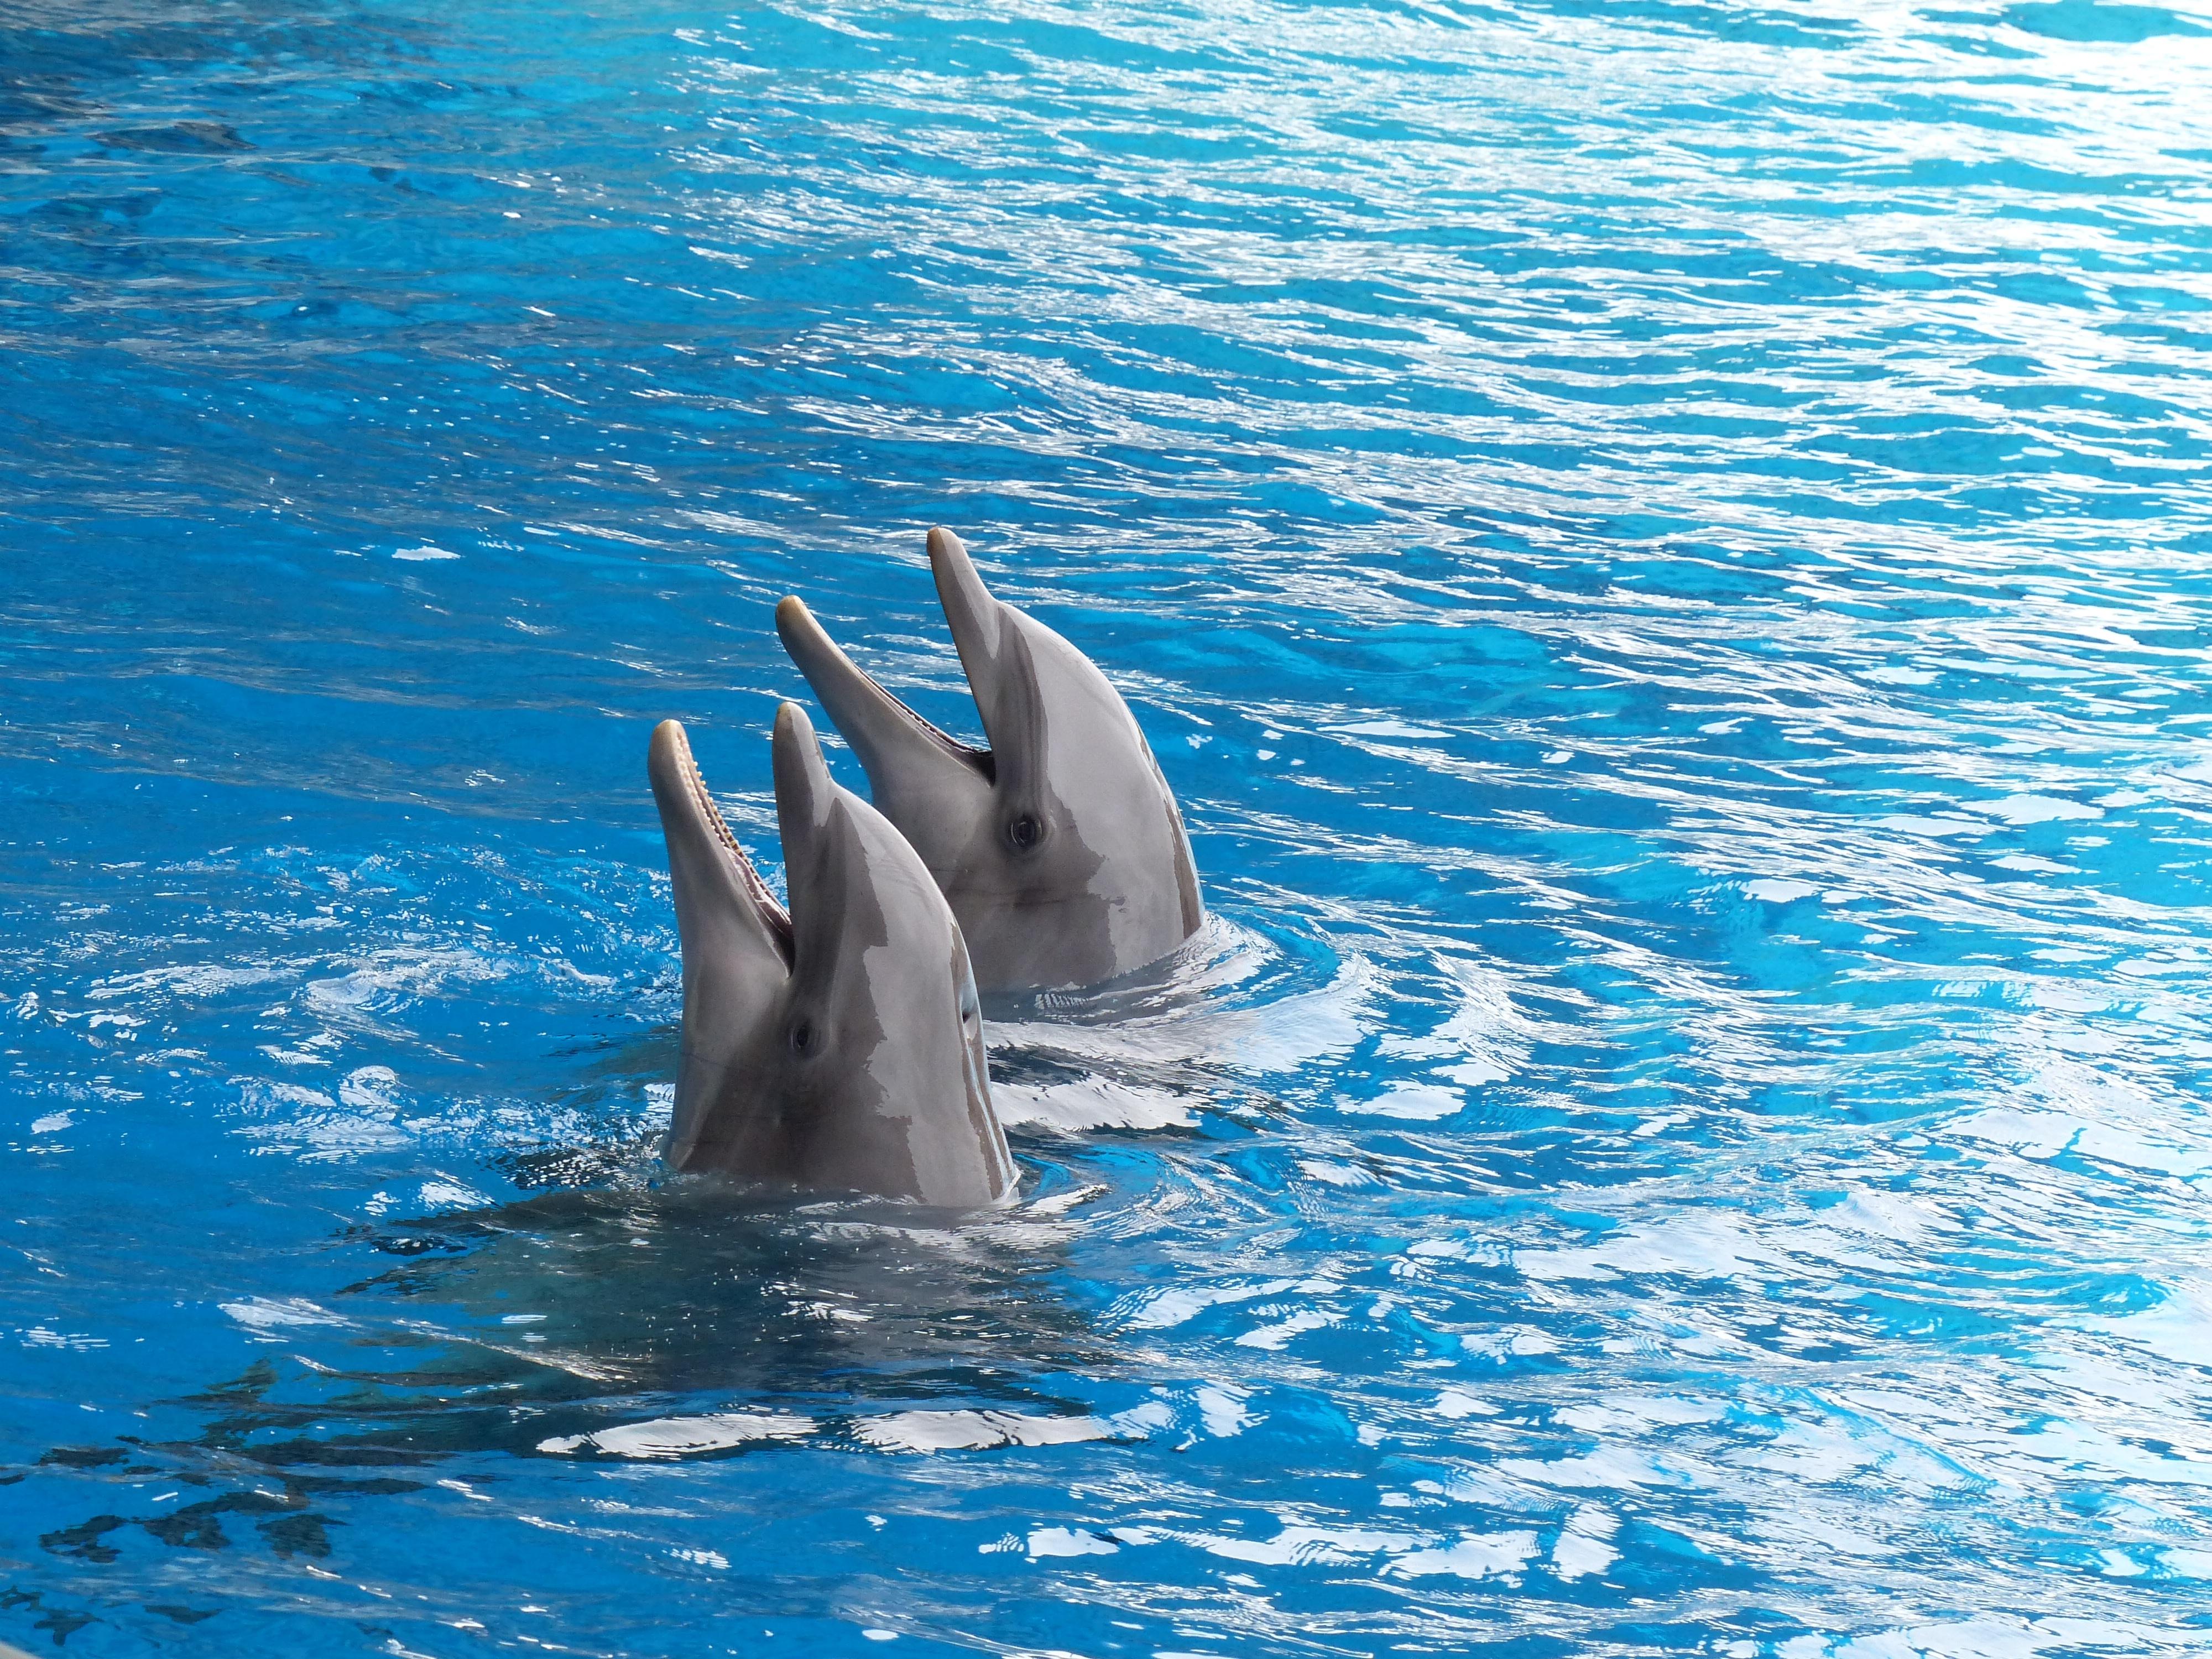 124076 Hintergrundbild herunterladen Delfine, Tiere, Wasser, Paar, Duett - Bildschirmschoner und Bilder kostenlos